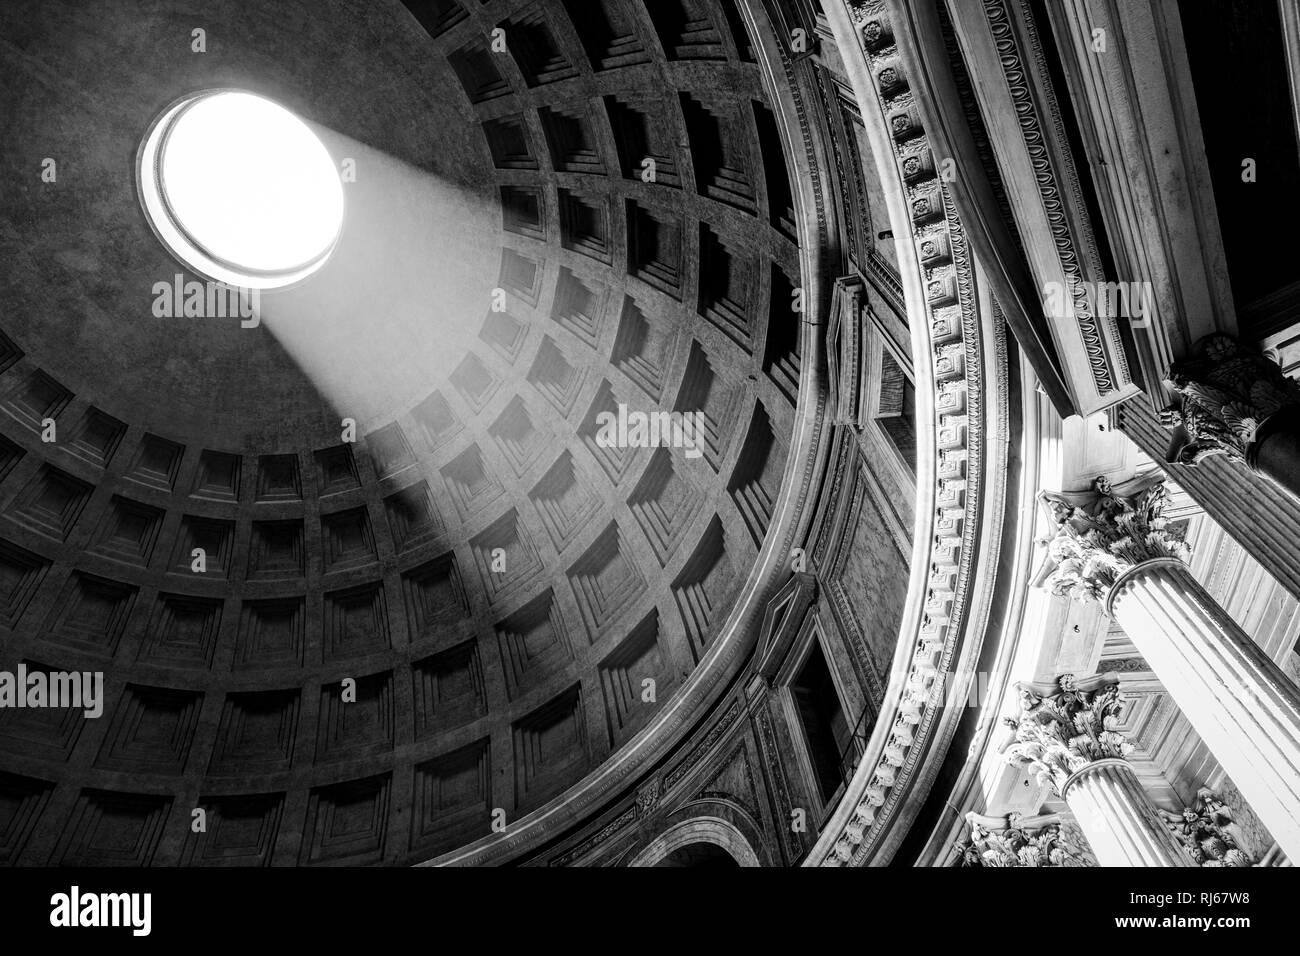 Europa, Italien, Latium, Rom, Durch die Öffnung in der Kuppel des Pantheon scheint die Sonne auf einen der Schreine an der Wand Stock Photo